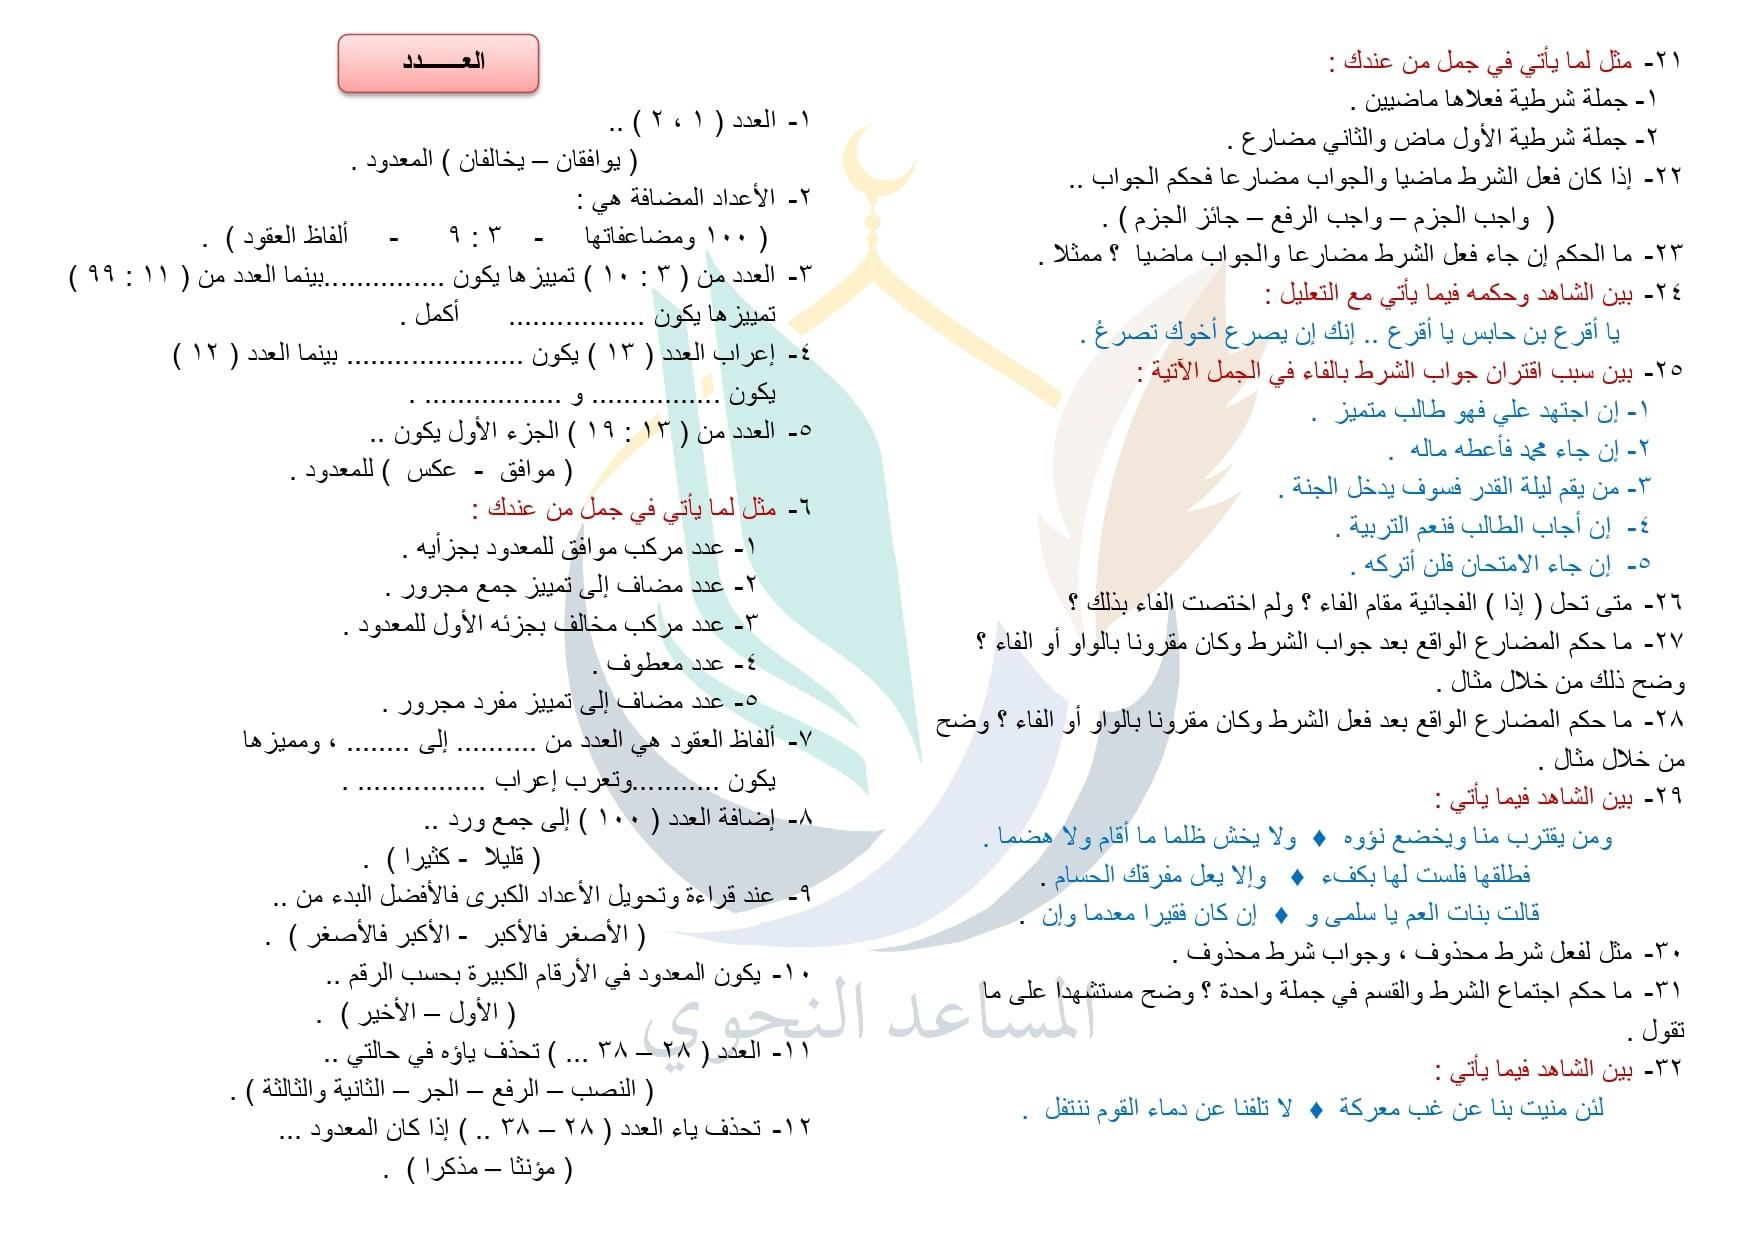 مراجعة منهج النحو للصف الثالث الثانوي العلمي (الأزهري) 4